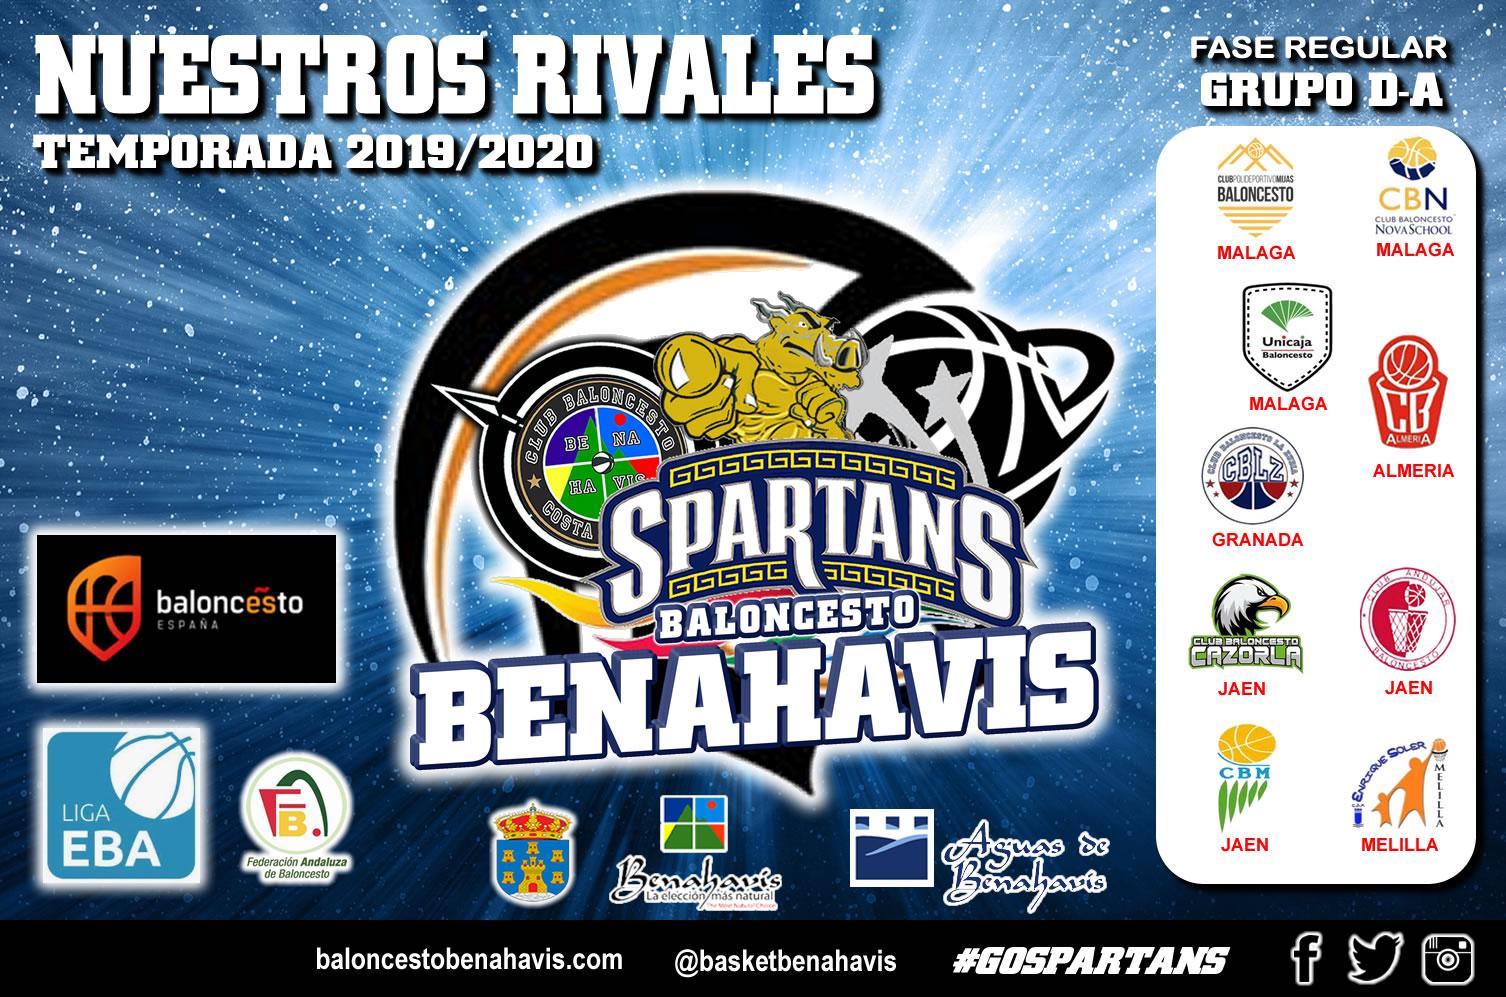 Liga EBA   Grupo D-A   Temp. 2019/20 > Los rivales del CB Benahavís en la Liga Regular